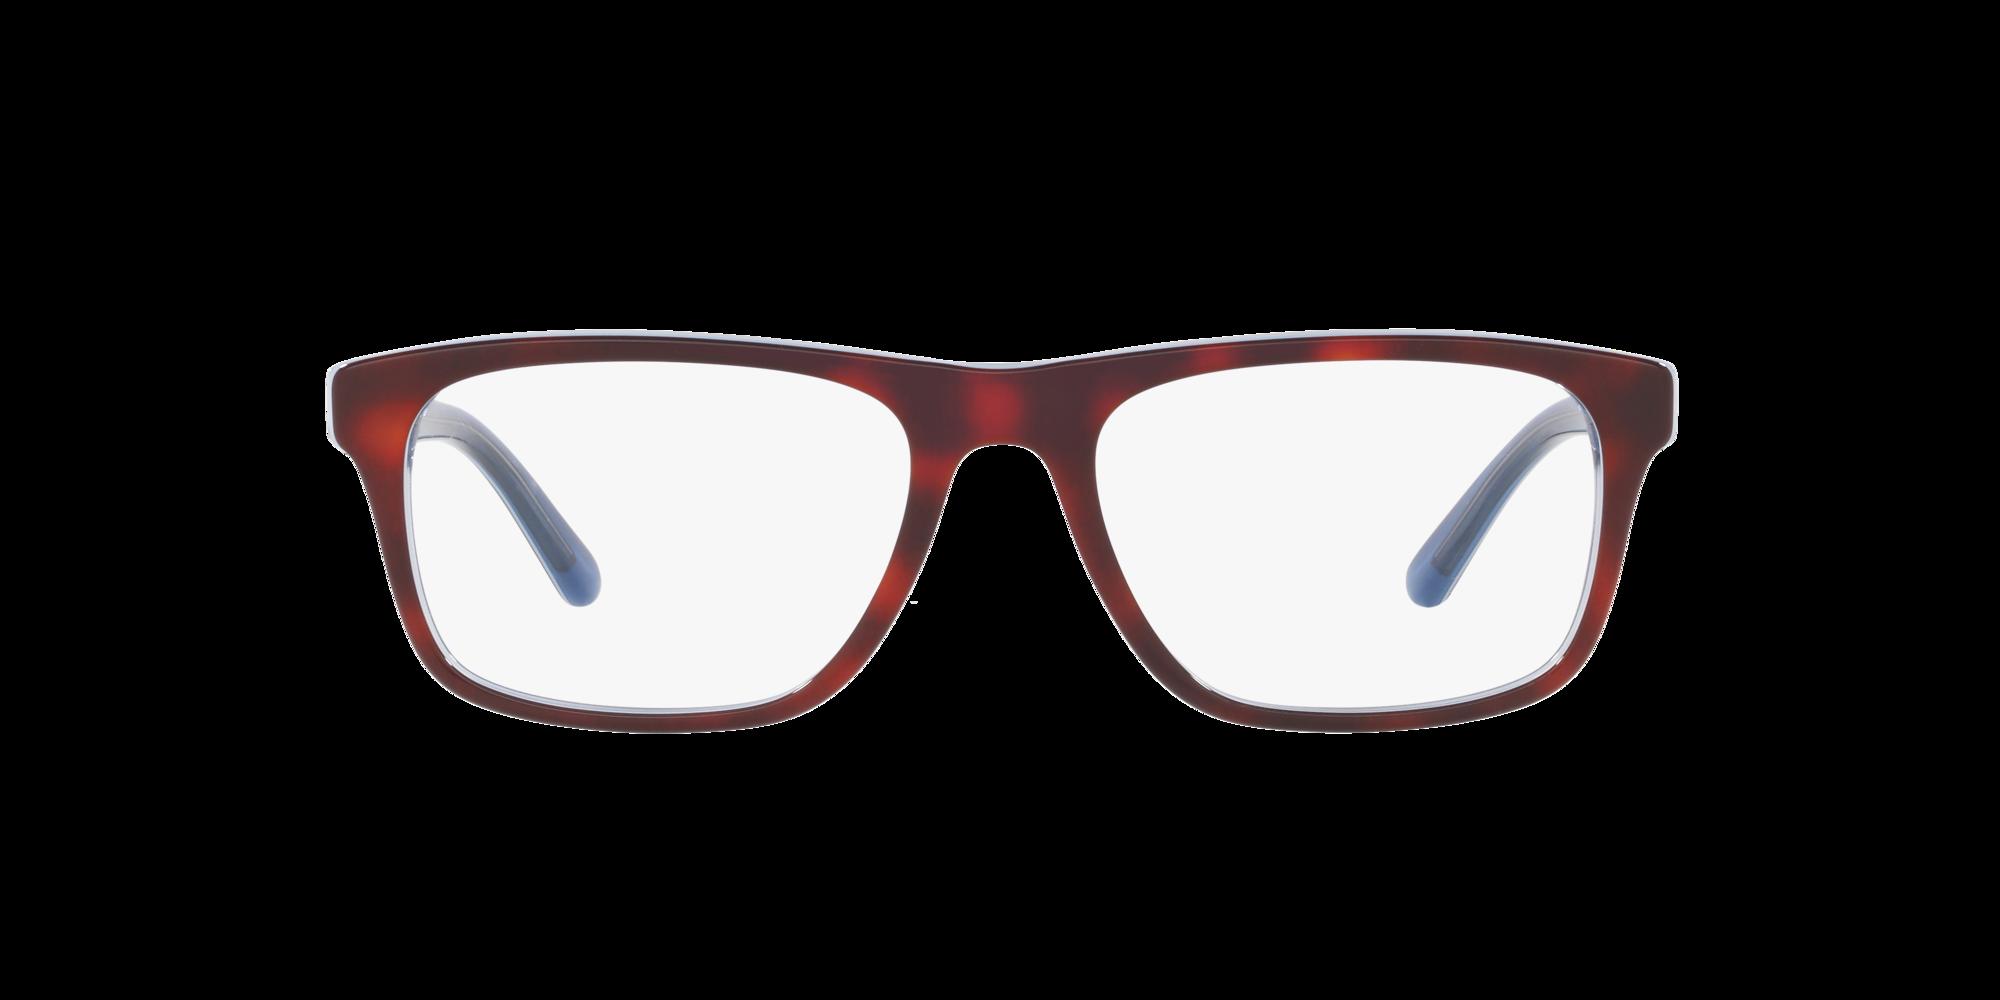 Imagen para PH2211 de LensCrafters |  Espejuelos, espejuelos graduados en línea, gafas